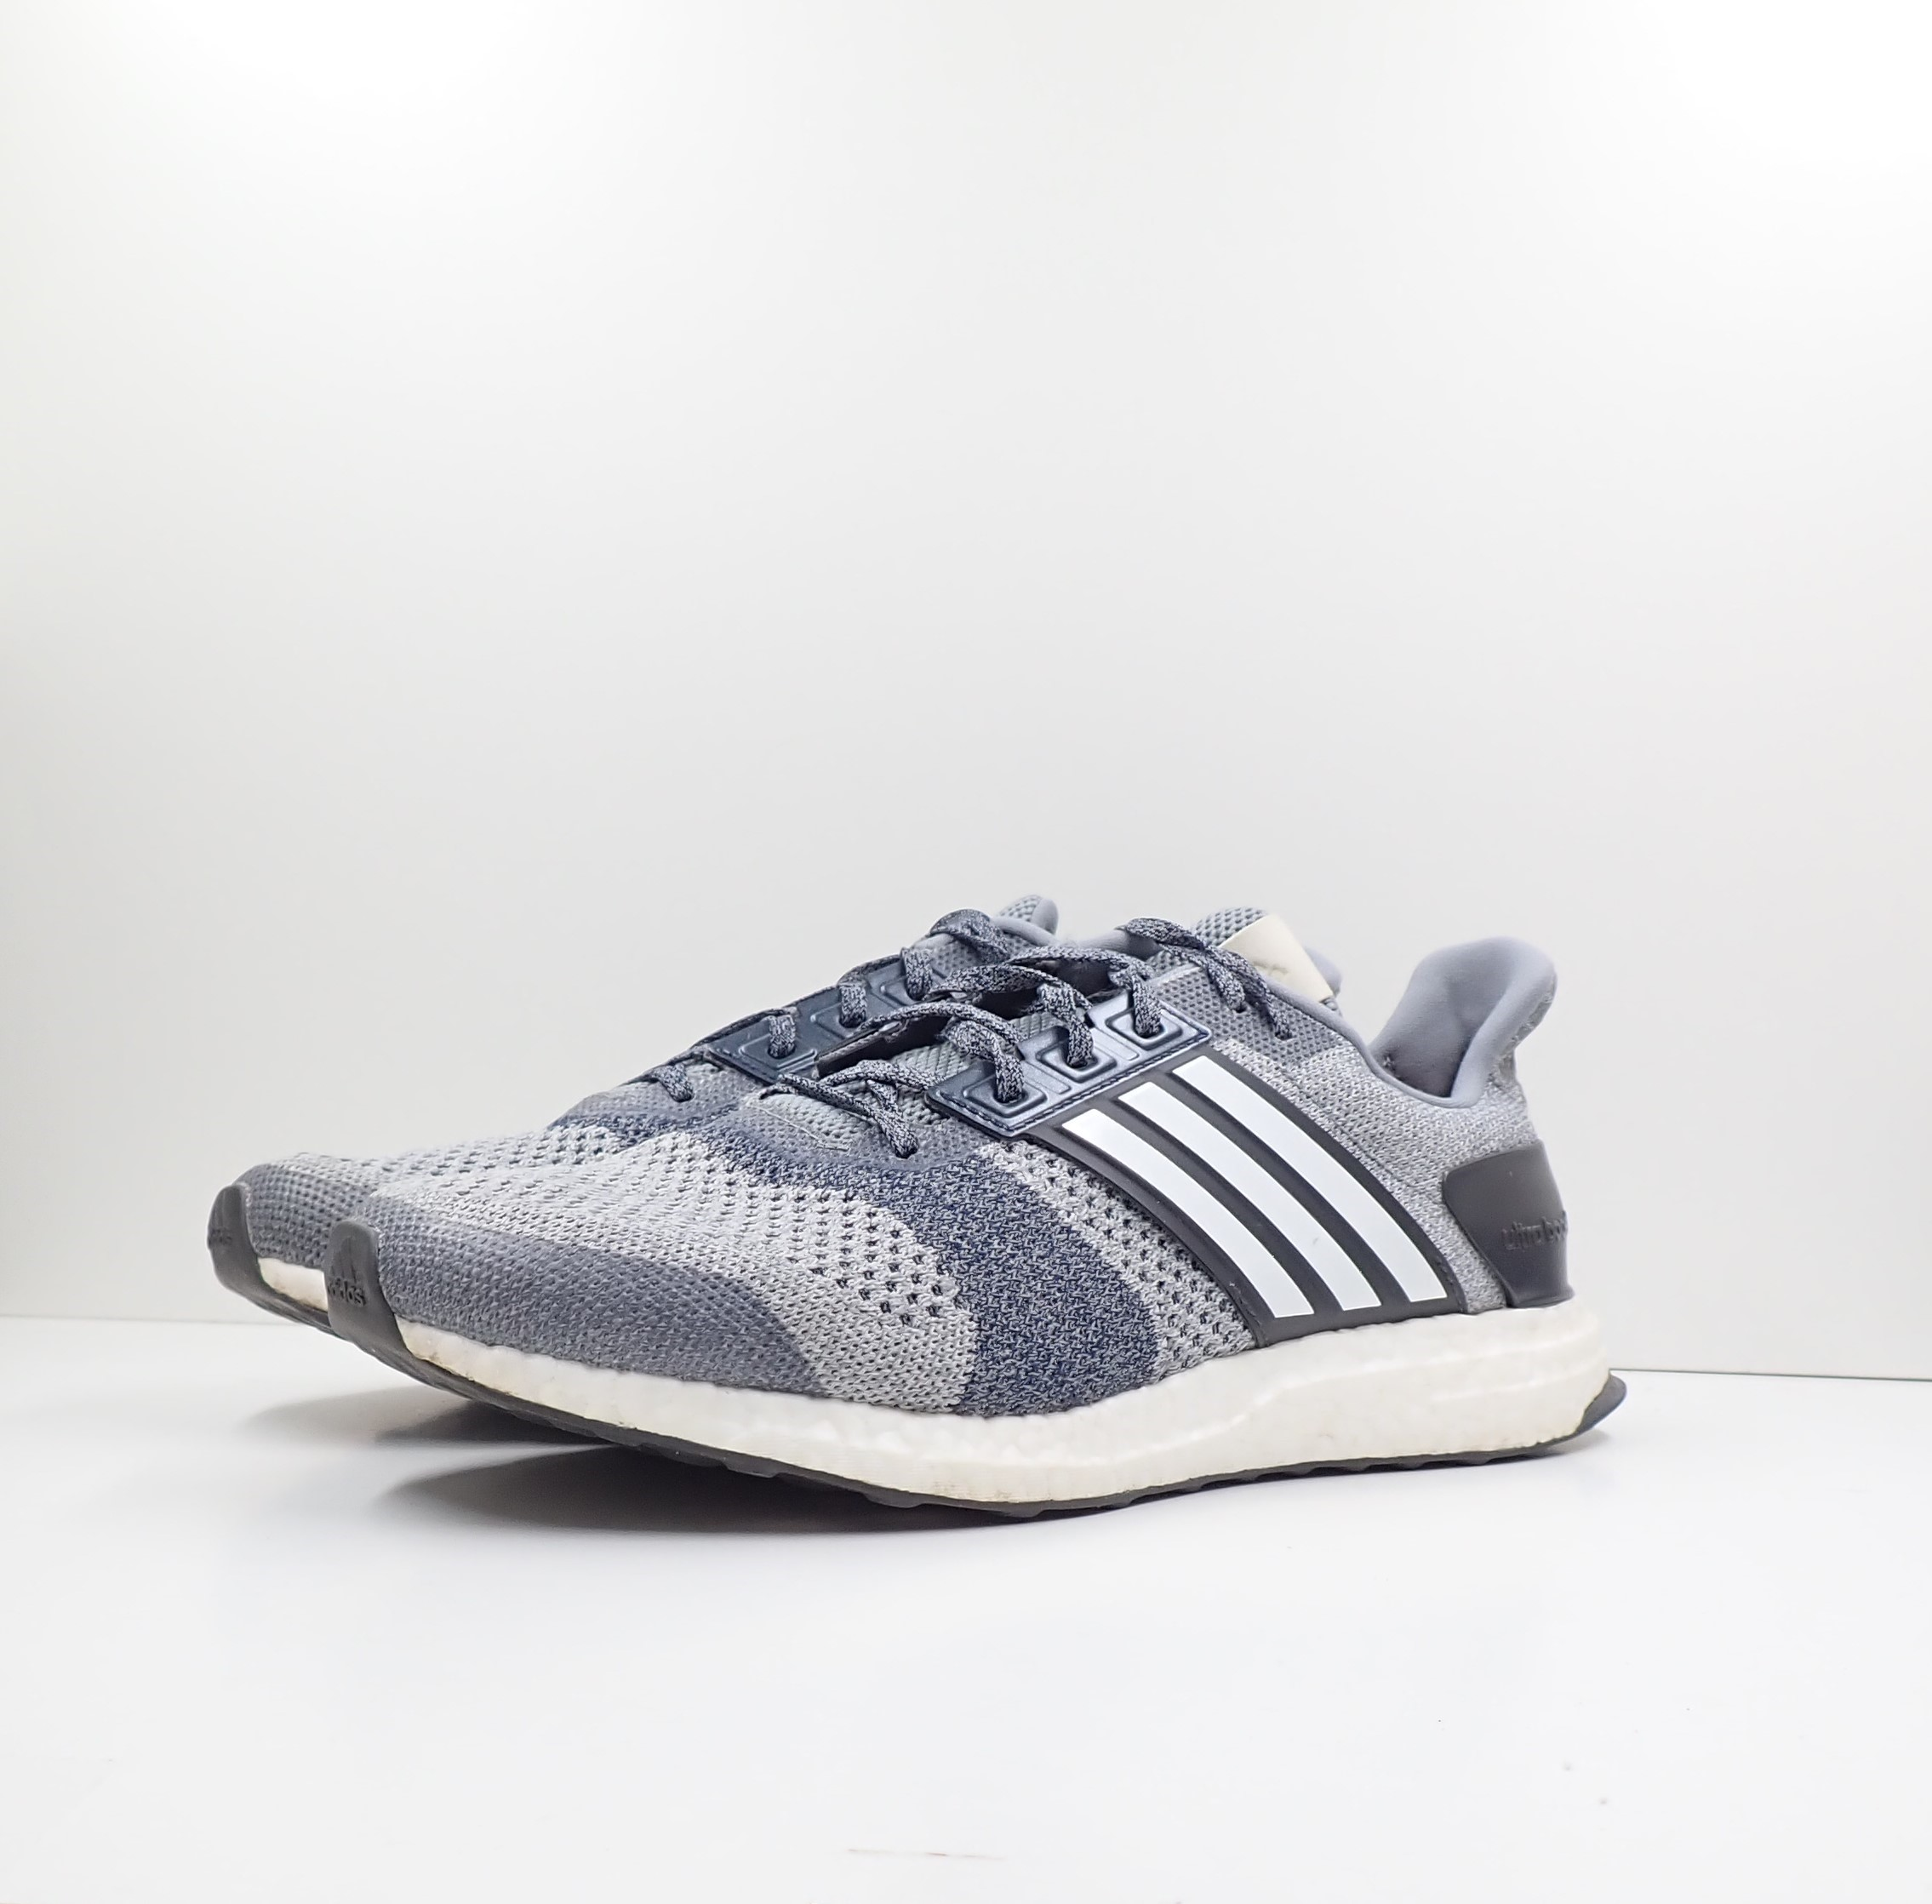 Adidas Ultra Boost ST Grey